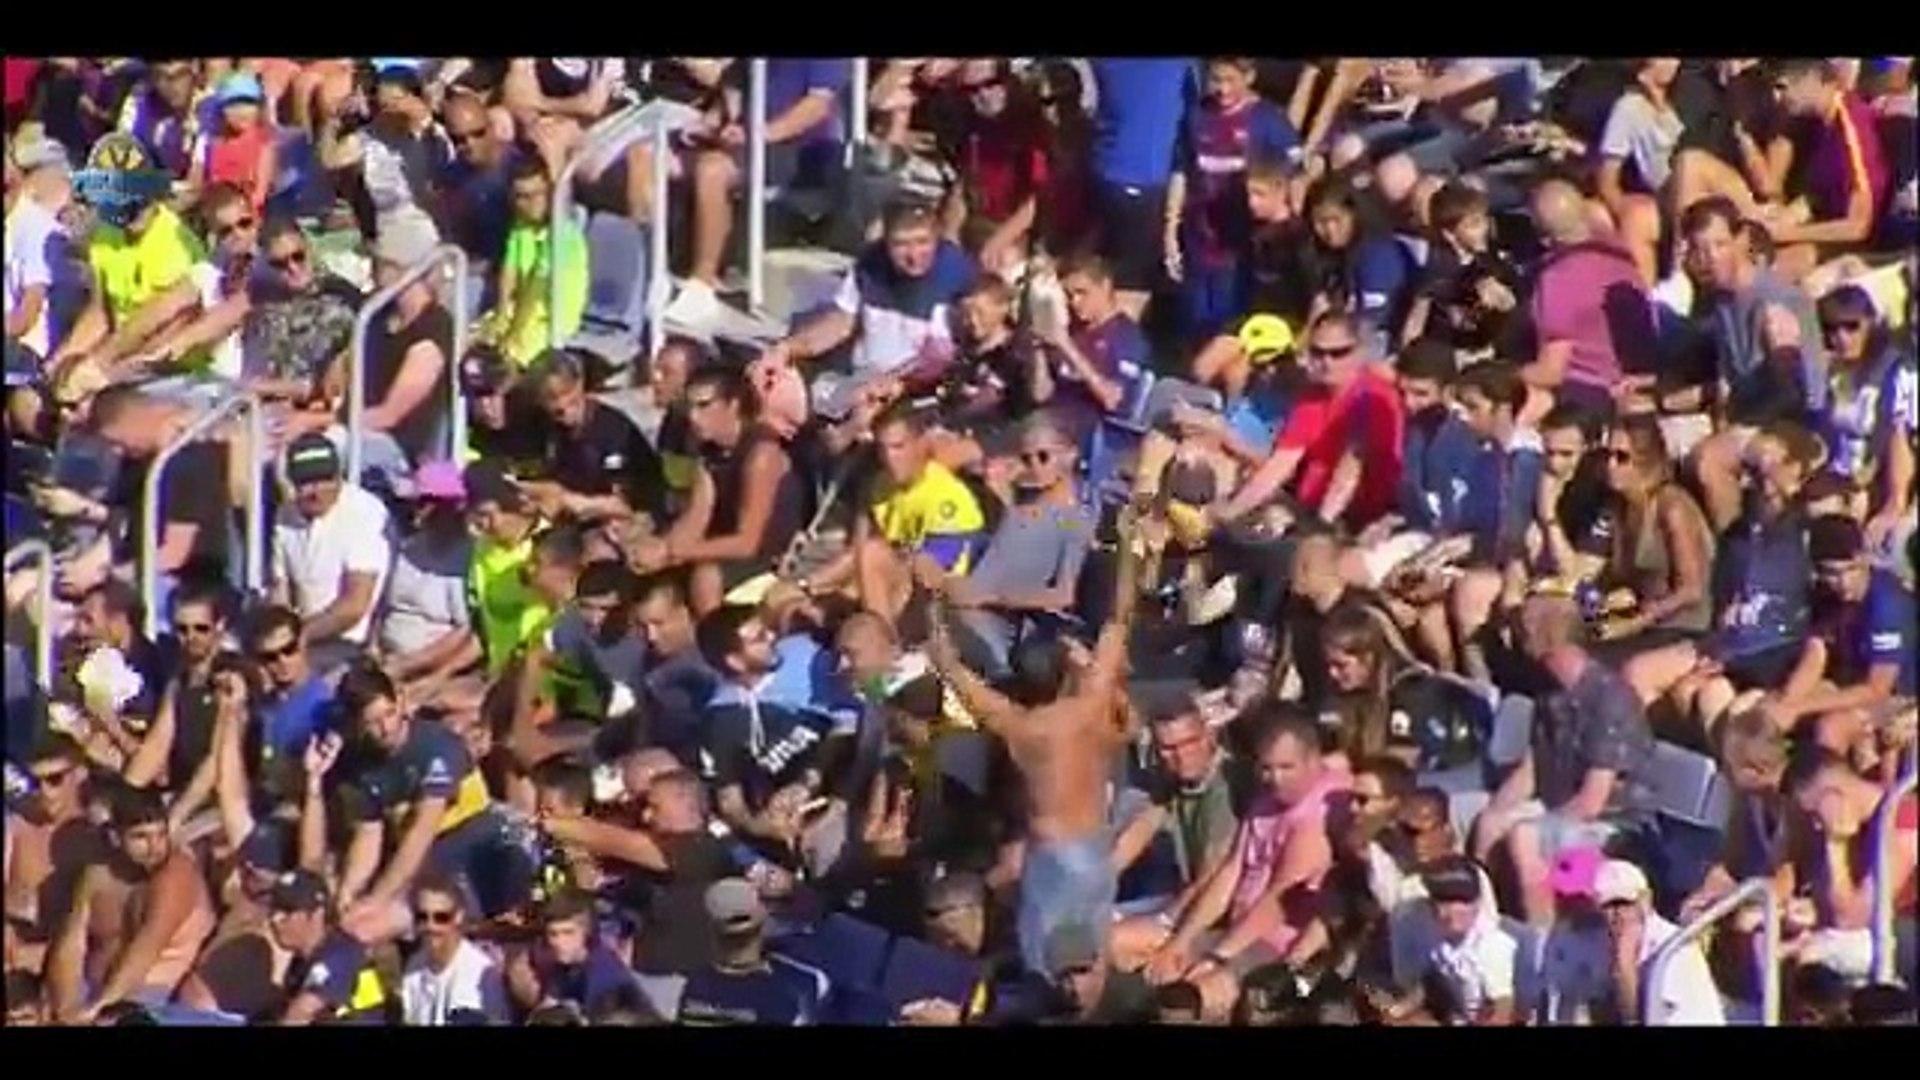 البث المباشر لـ مباراة برشلونه الاسباني وبوكا جونيورالارجنتيني  علي قناة بيراميدز